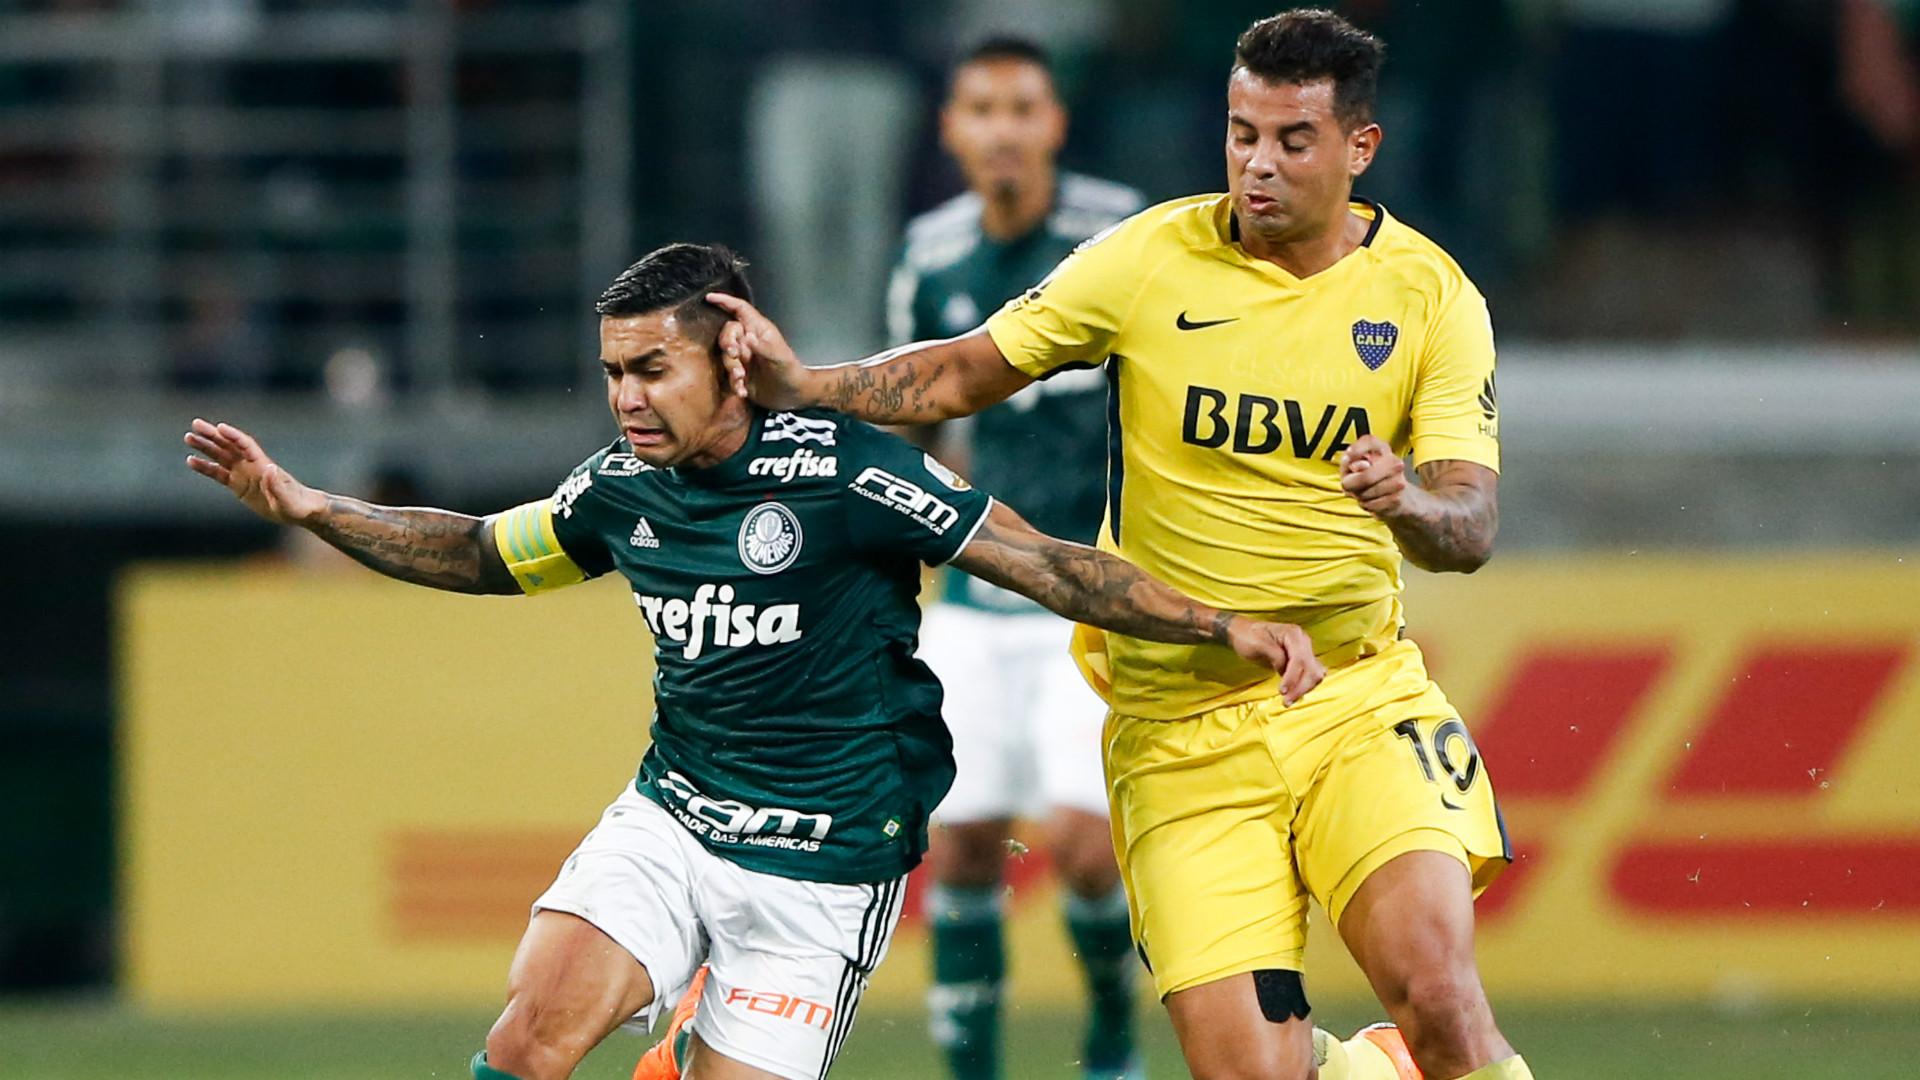 Cardona Palmeiras Boca Copa Libertadores Fecha 3 13042018